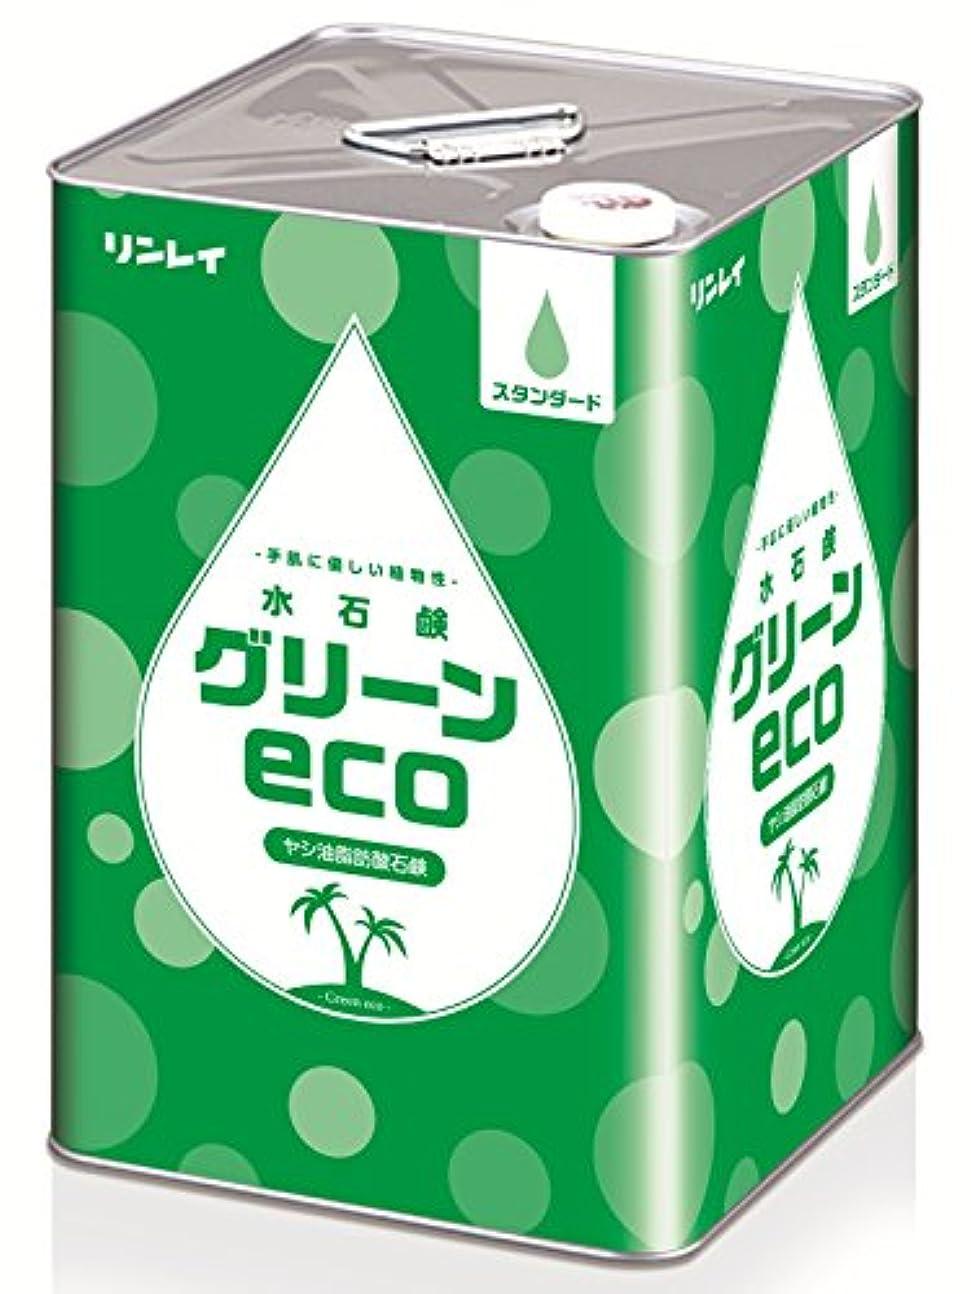 移行するキャップ処方リンレイ 業務用 植物性ハンドソープ 水石鹸グリーンeco 18L